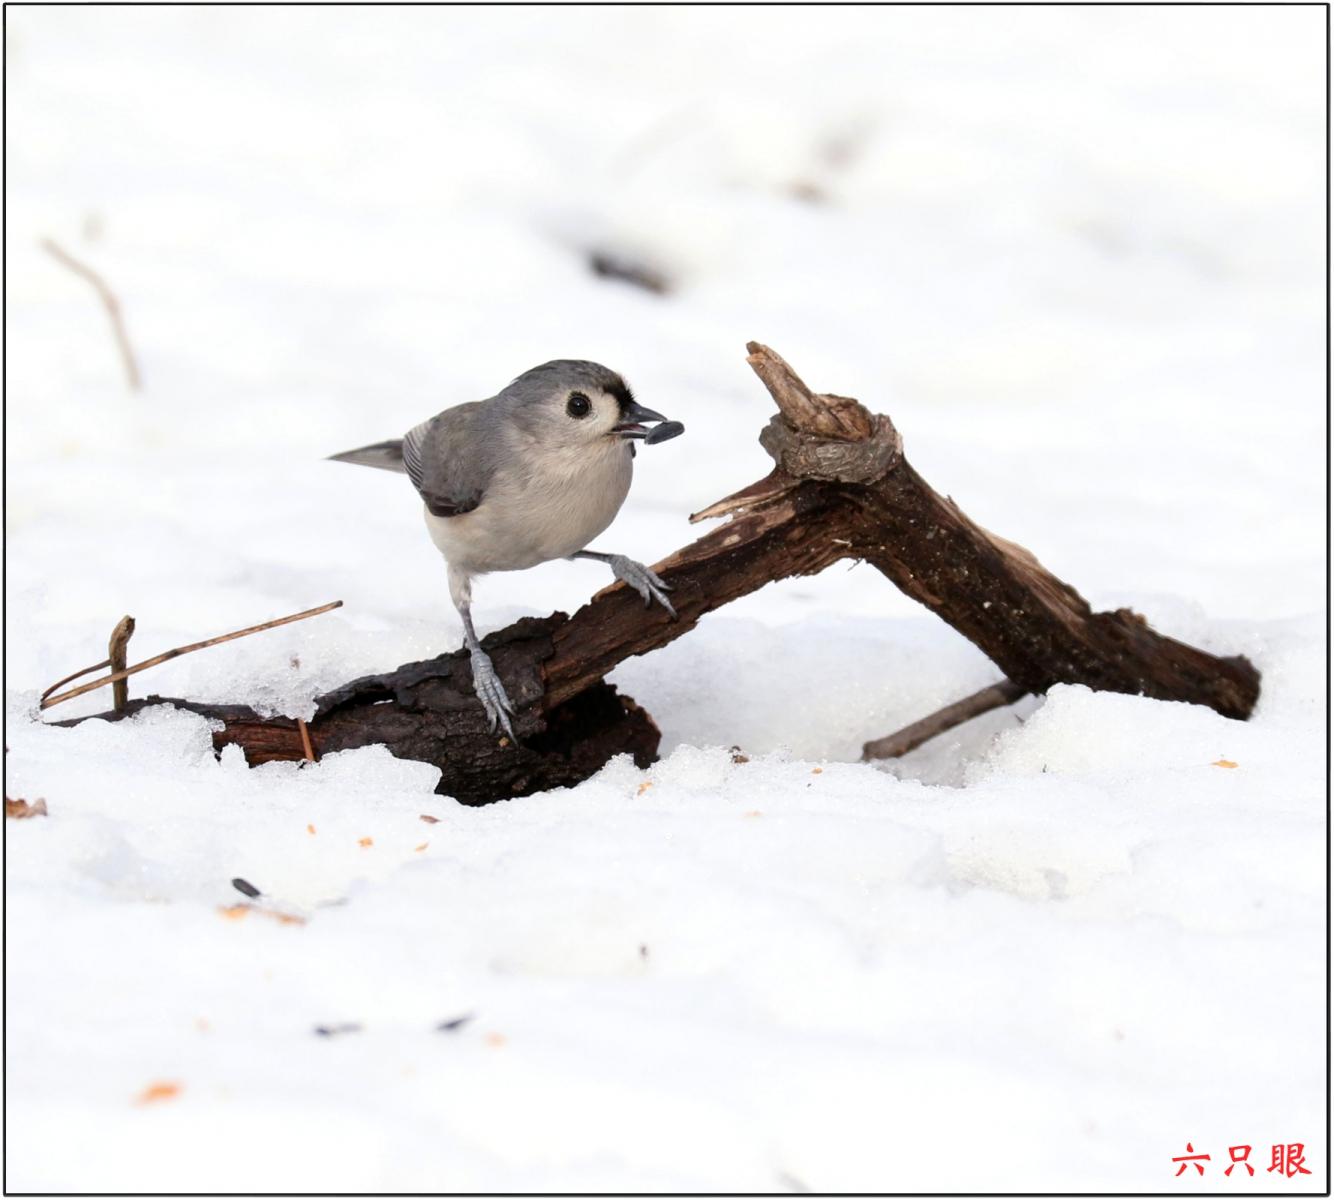 六只眼:雪中小鸟觅食忙_图1-7